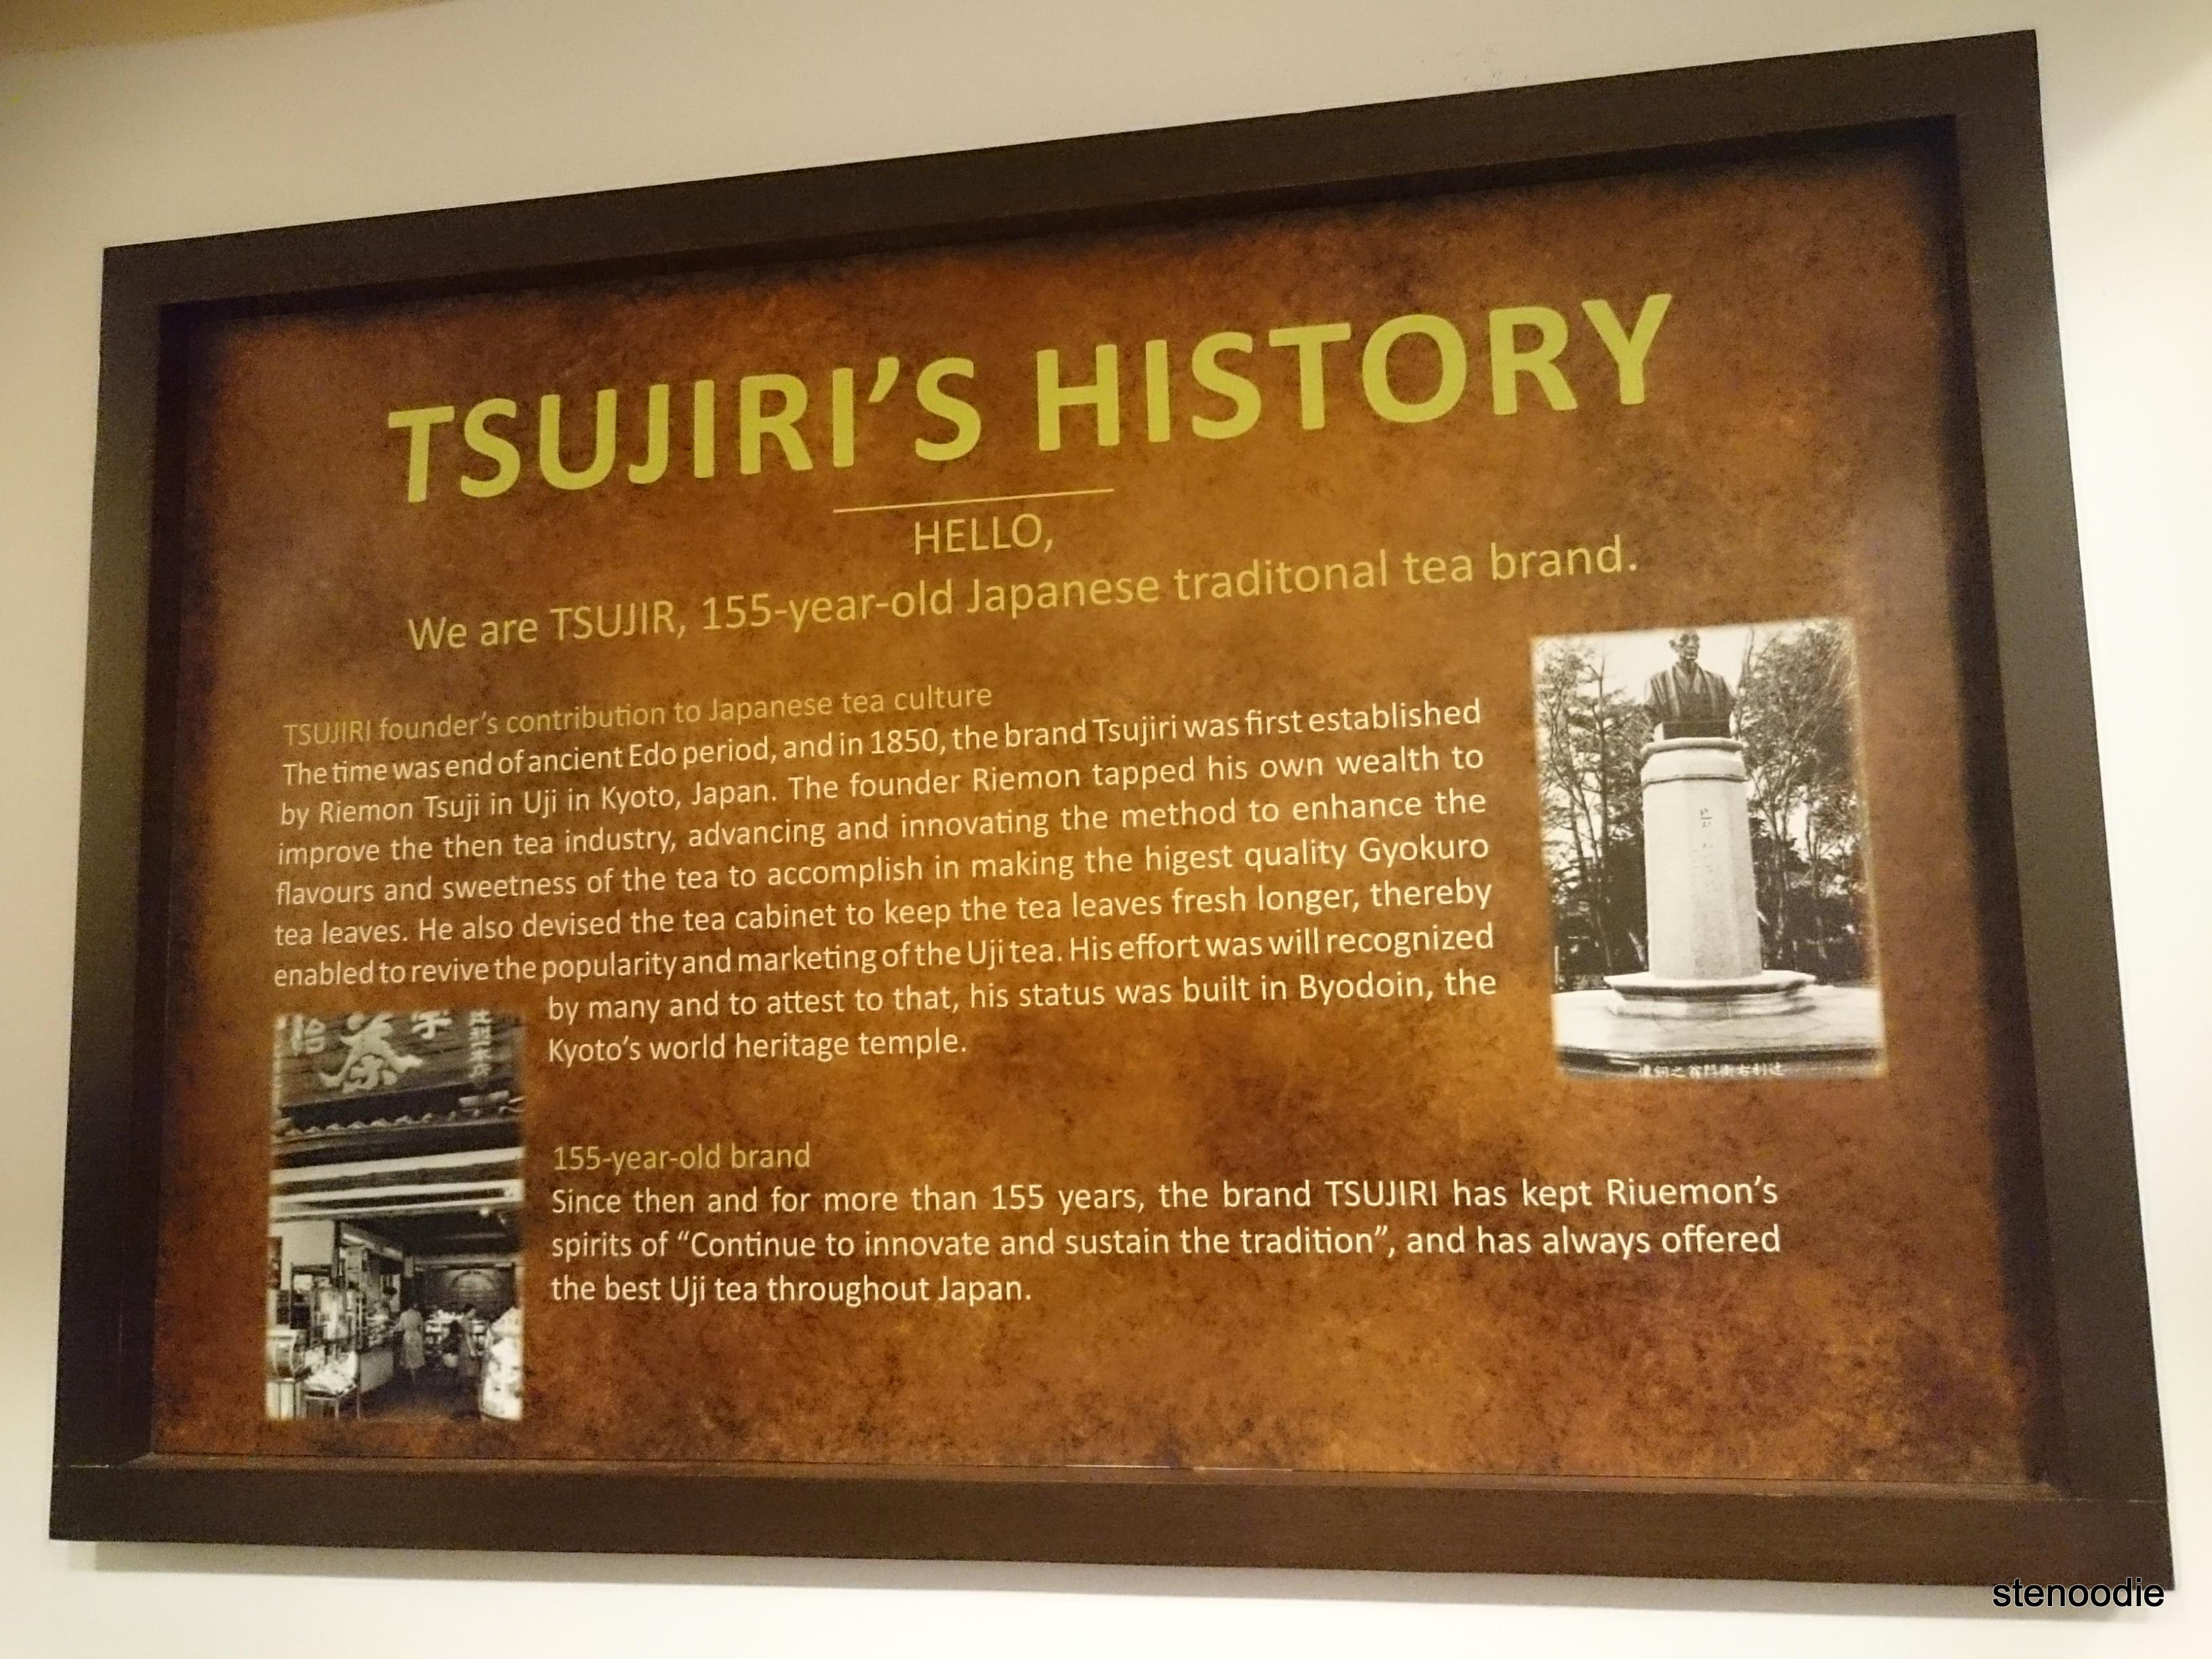 Tsujiri's history